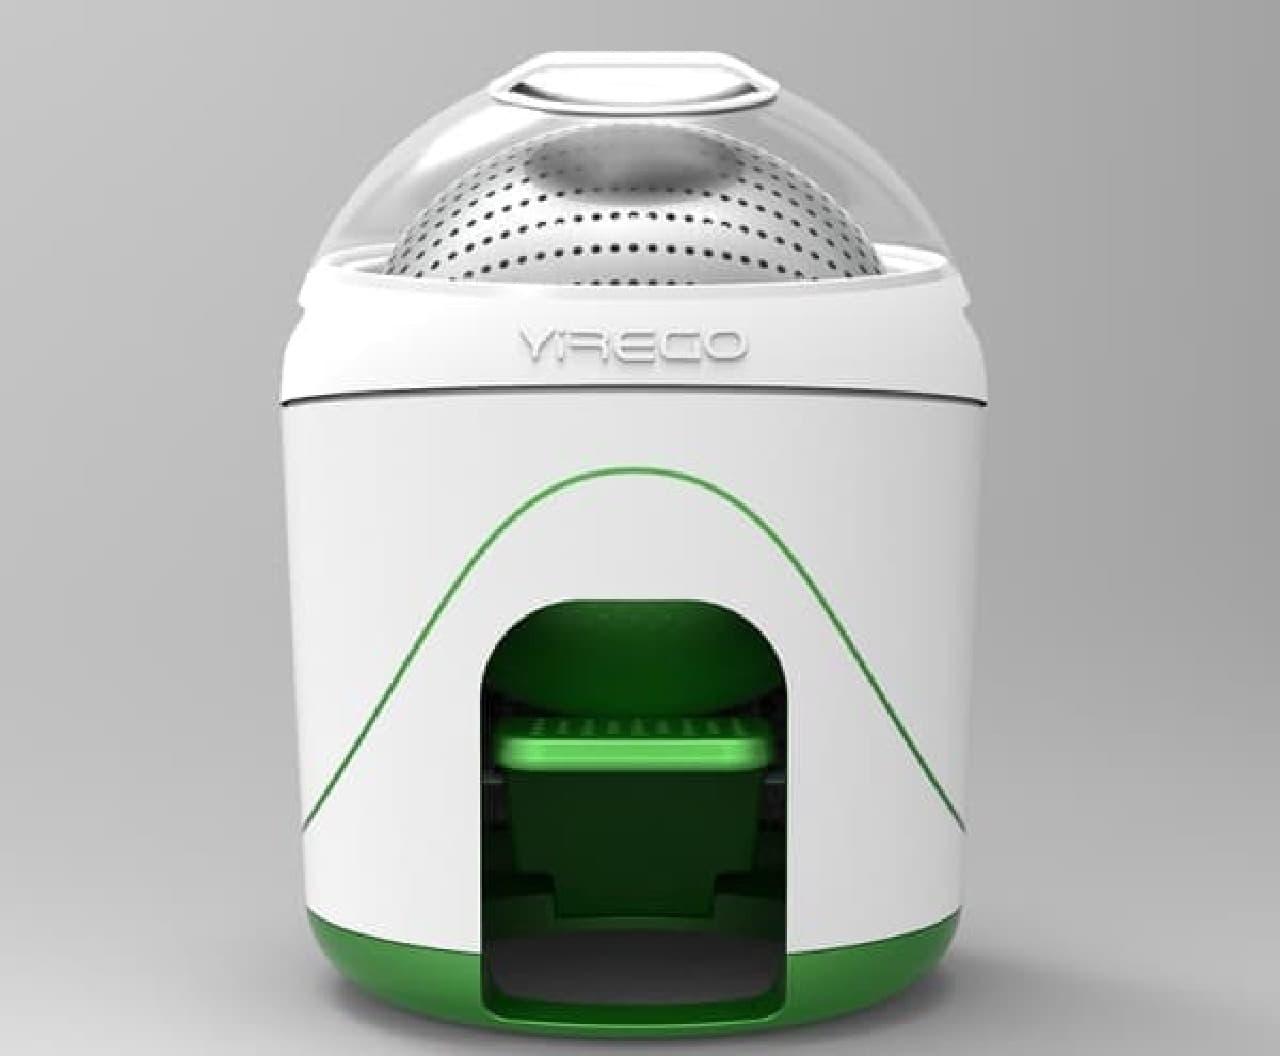 足踏み式洗濯機 Yirego の「Drumi」